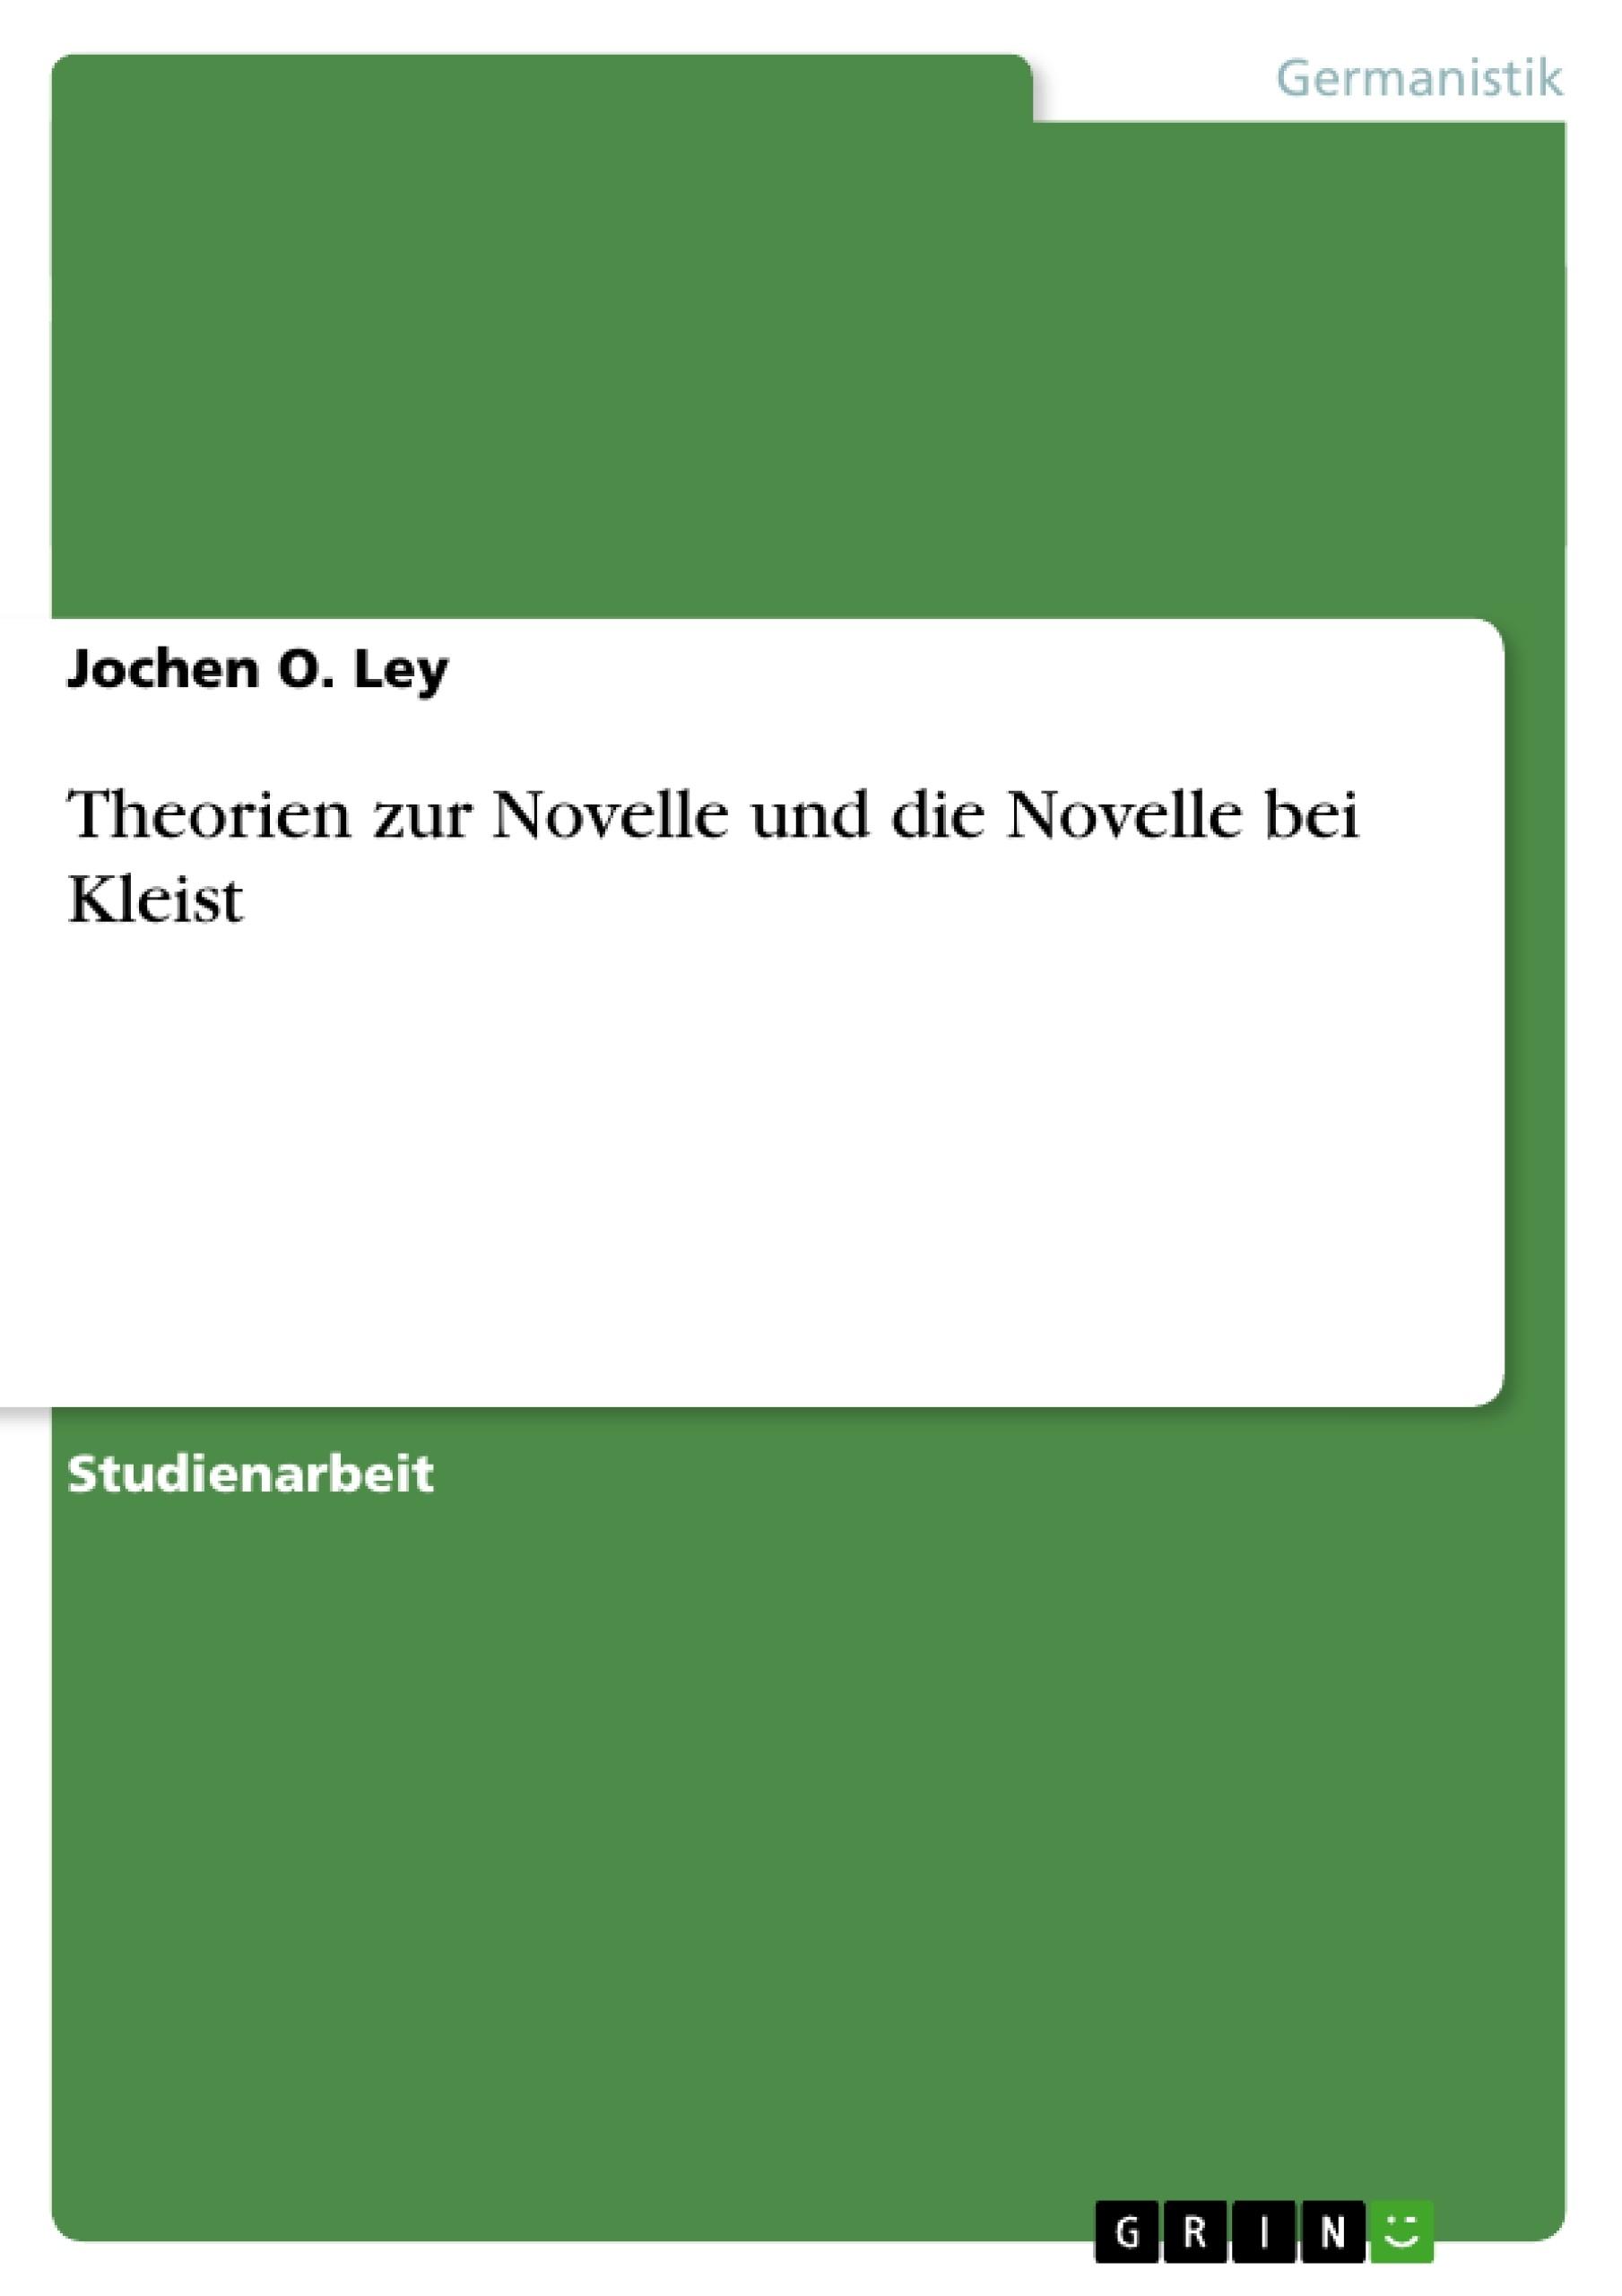 Titel: Theorien zur Novelle und die Novelle bei Kleist